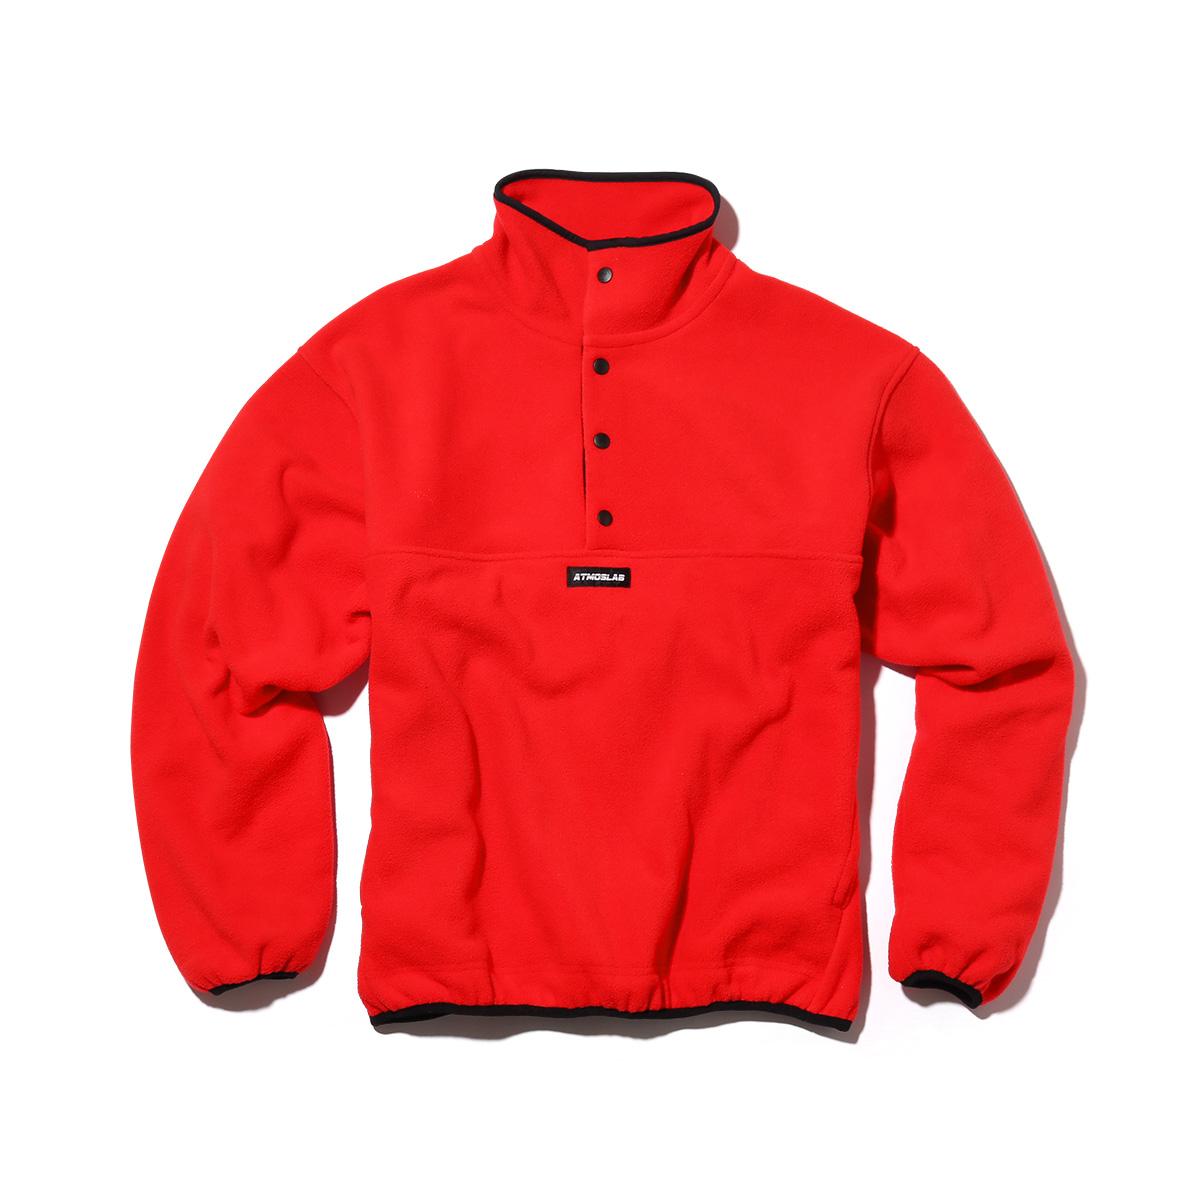 ATMOS LAB FLEECE PULLOVER(アトモスラボ フリース プルオーバー)RED【メンズ パーカー】18FW-S